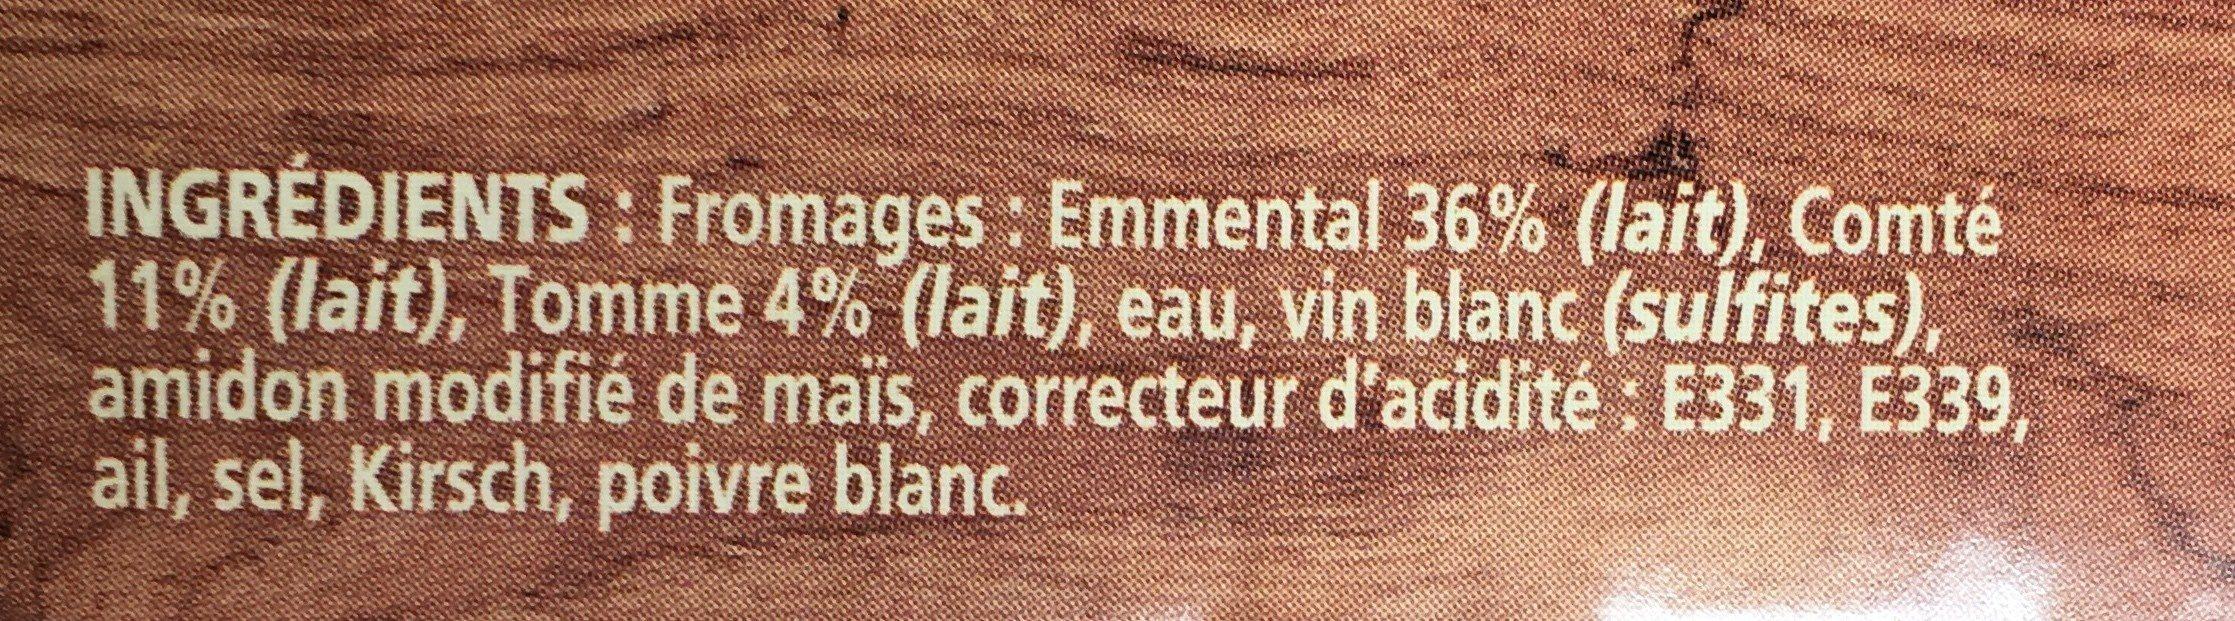 Fondue aux trois fromages - Ingredients